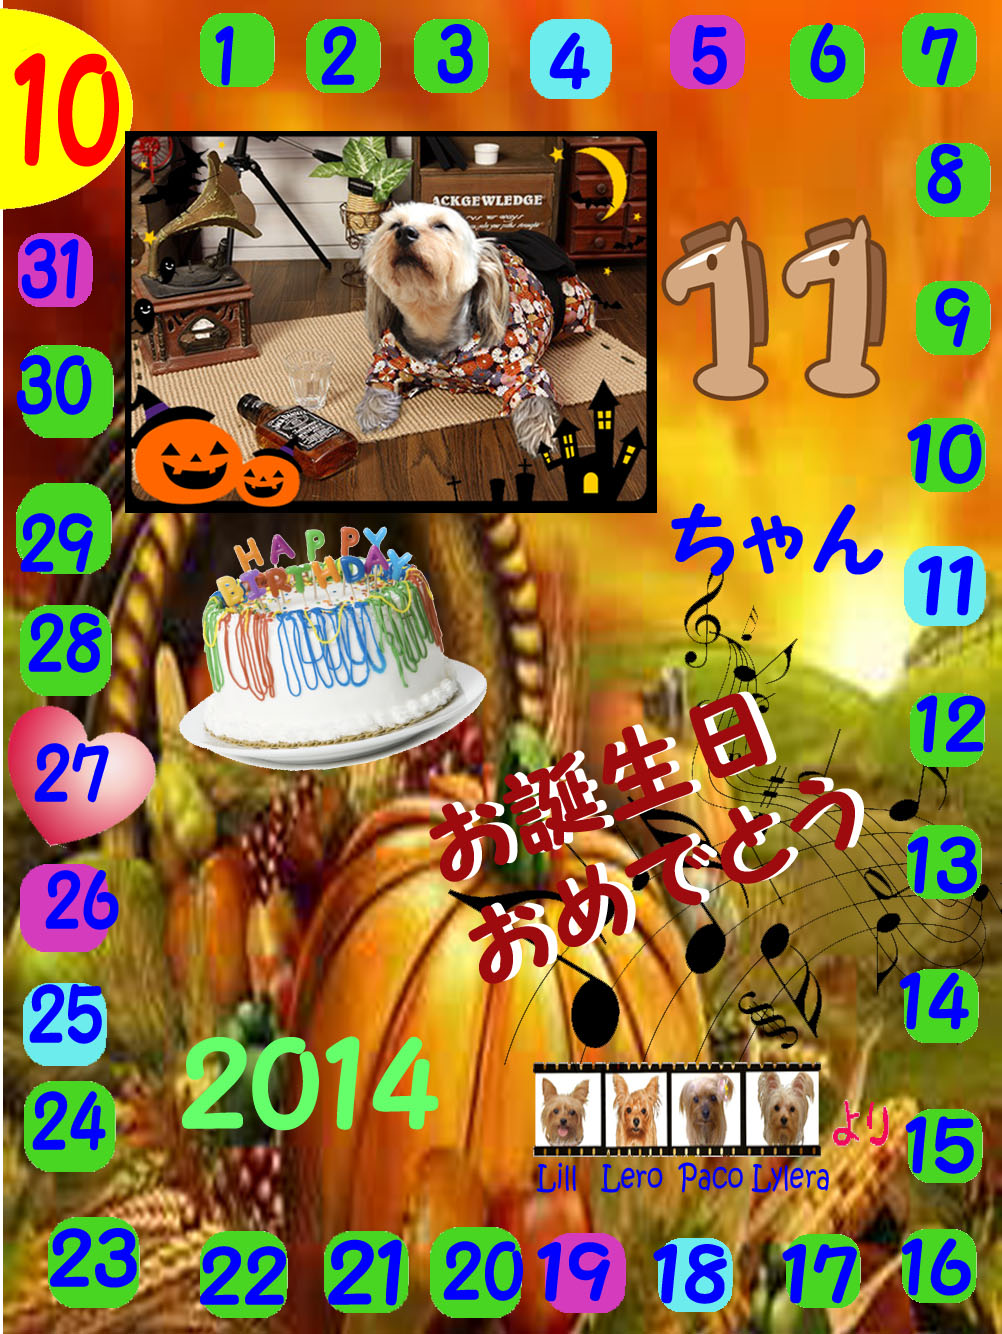 10-27-2014ゴエちゃん誕生日カード のコピー